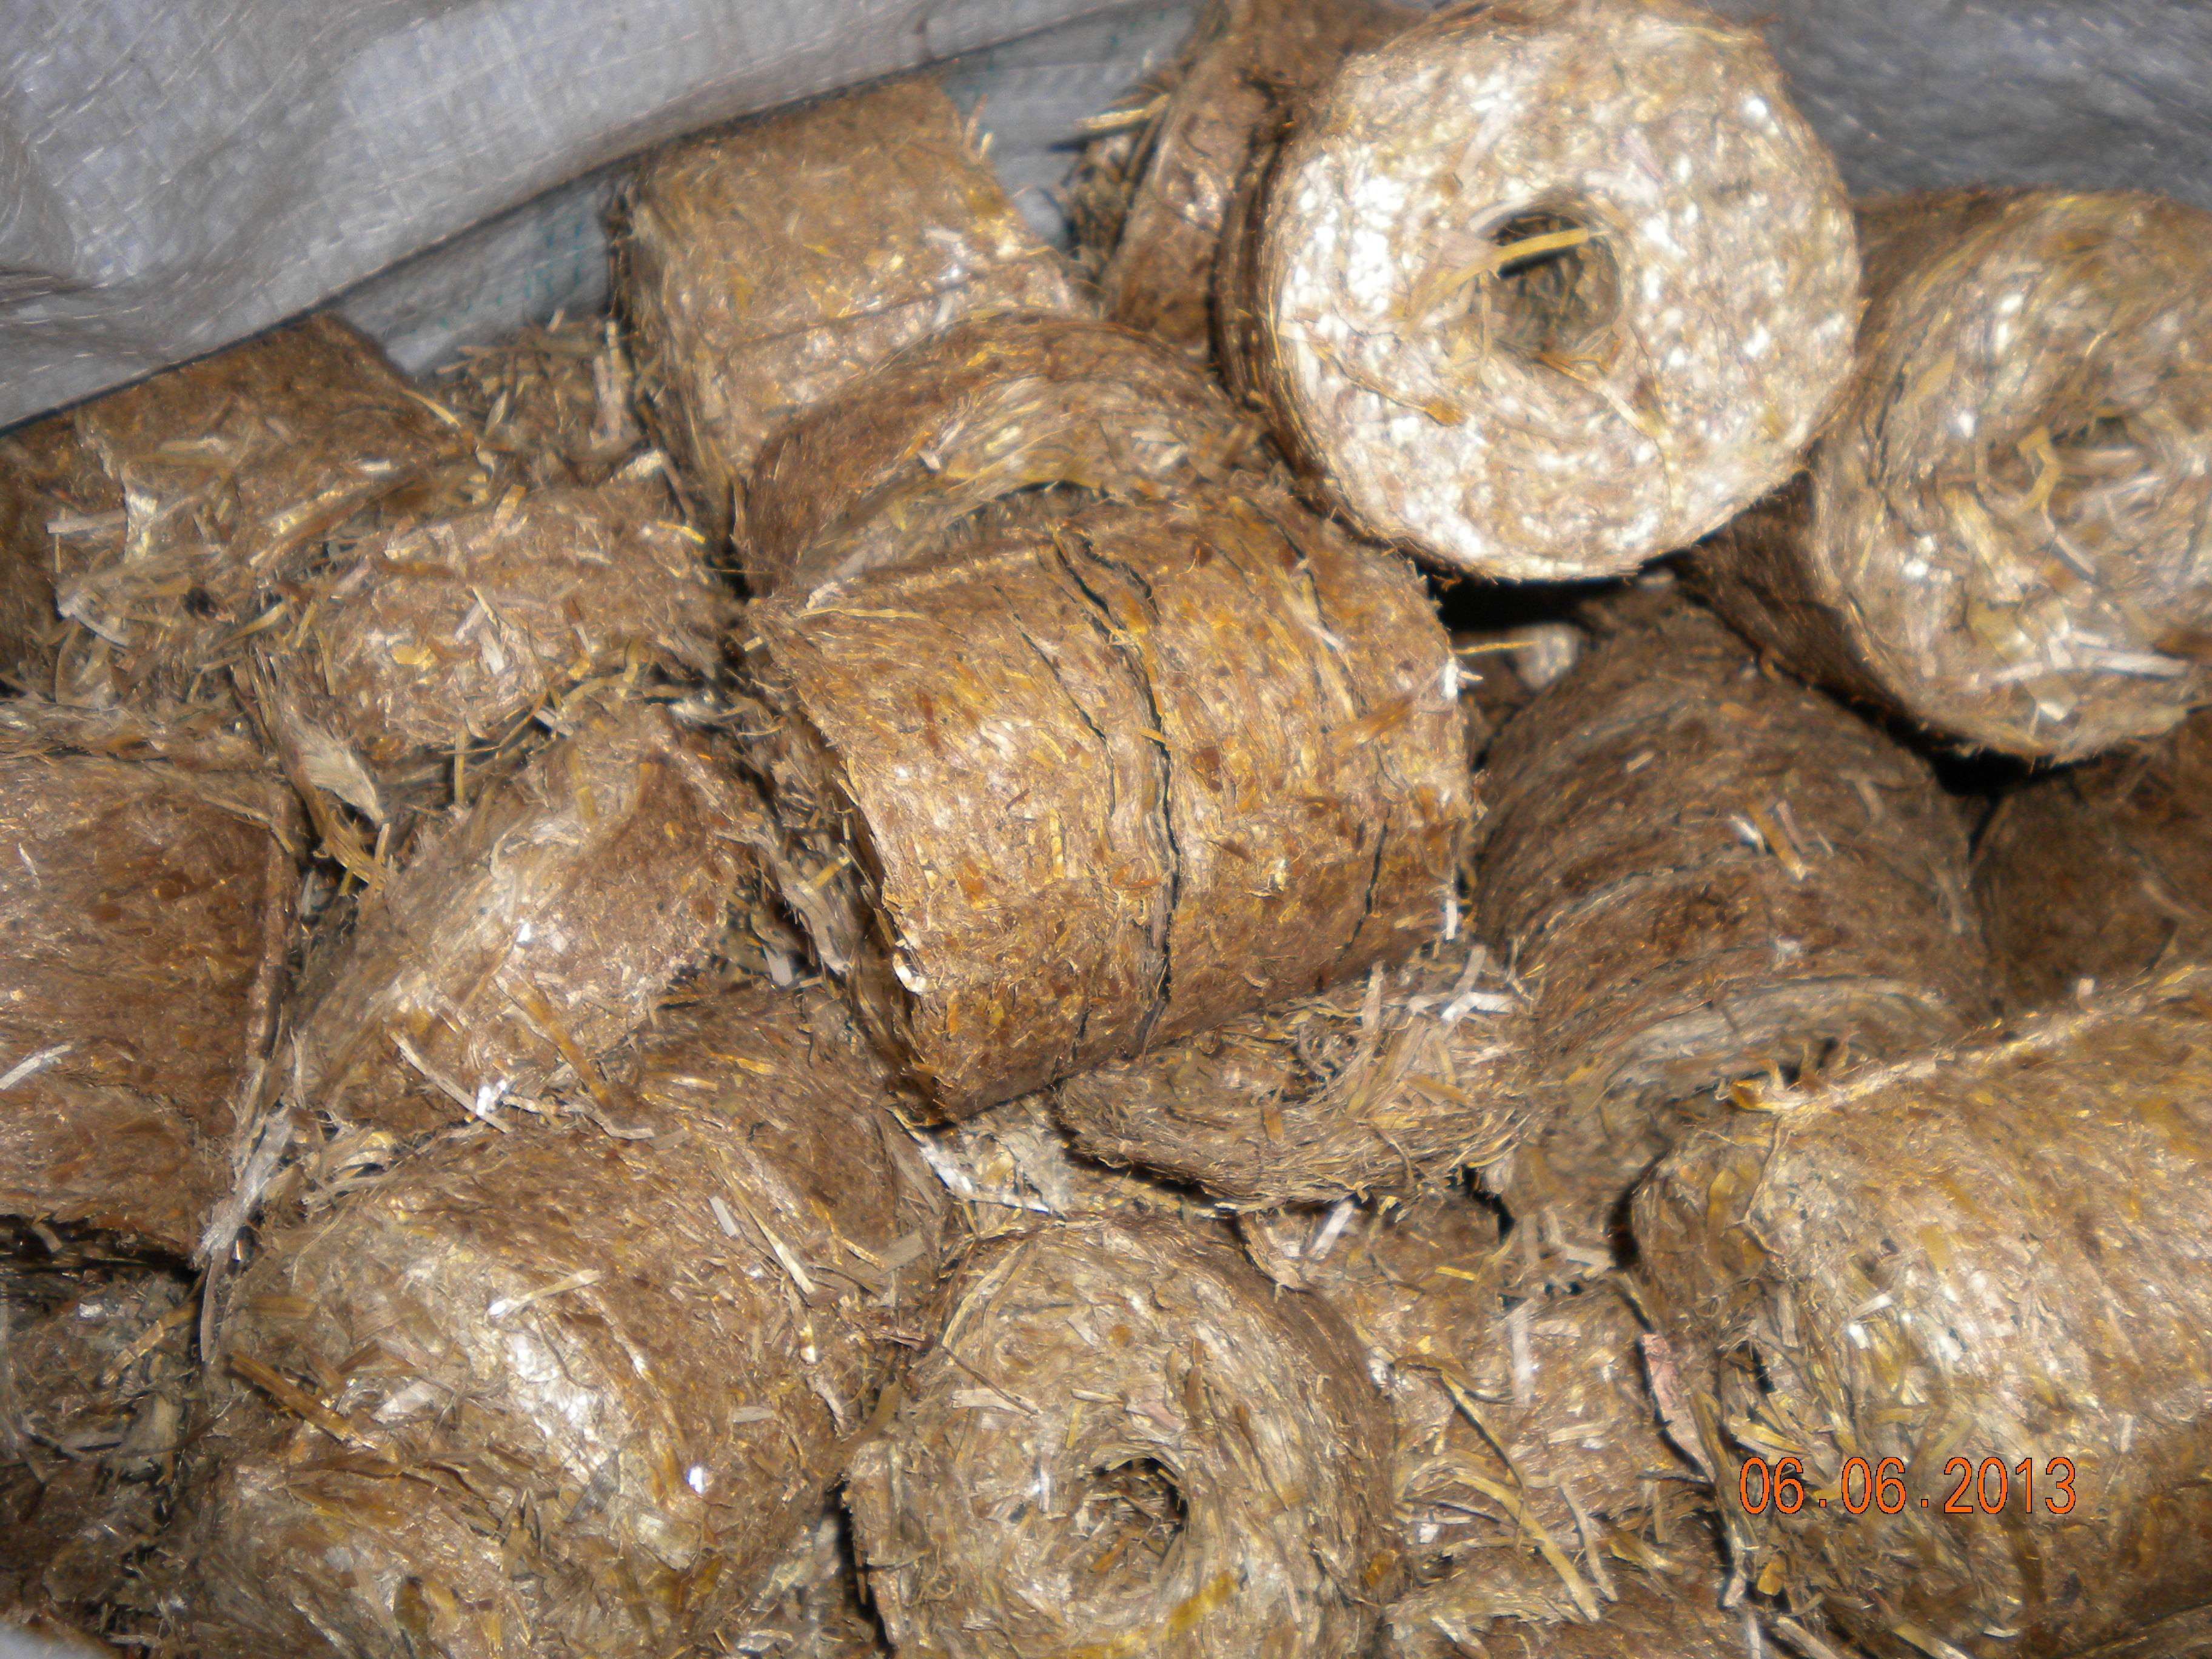 Топливные брикеты для печей, их плюсы и минусы